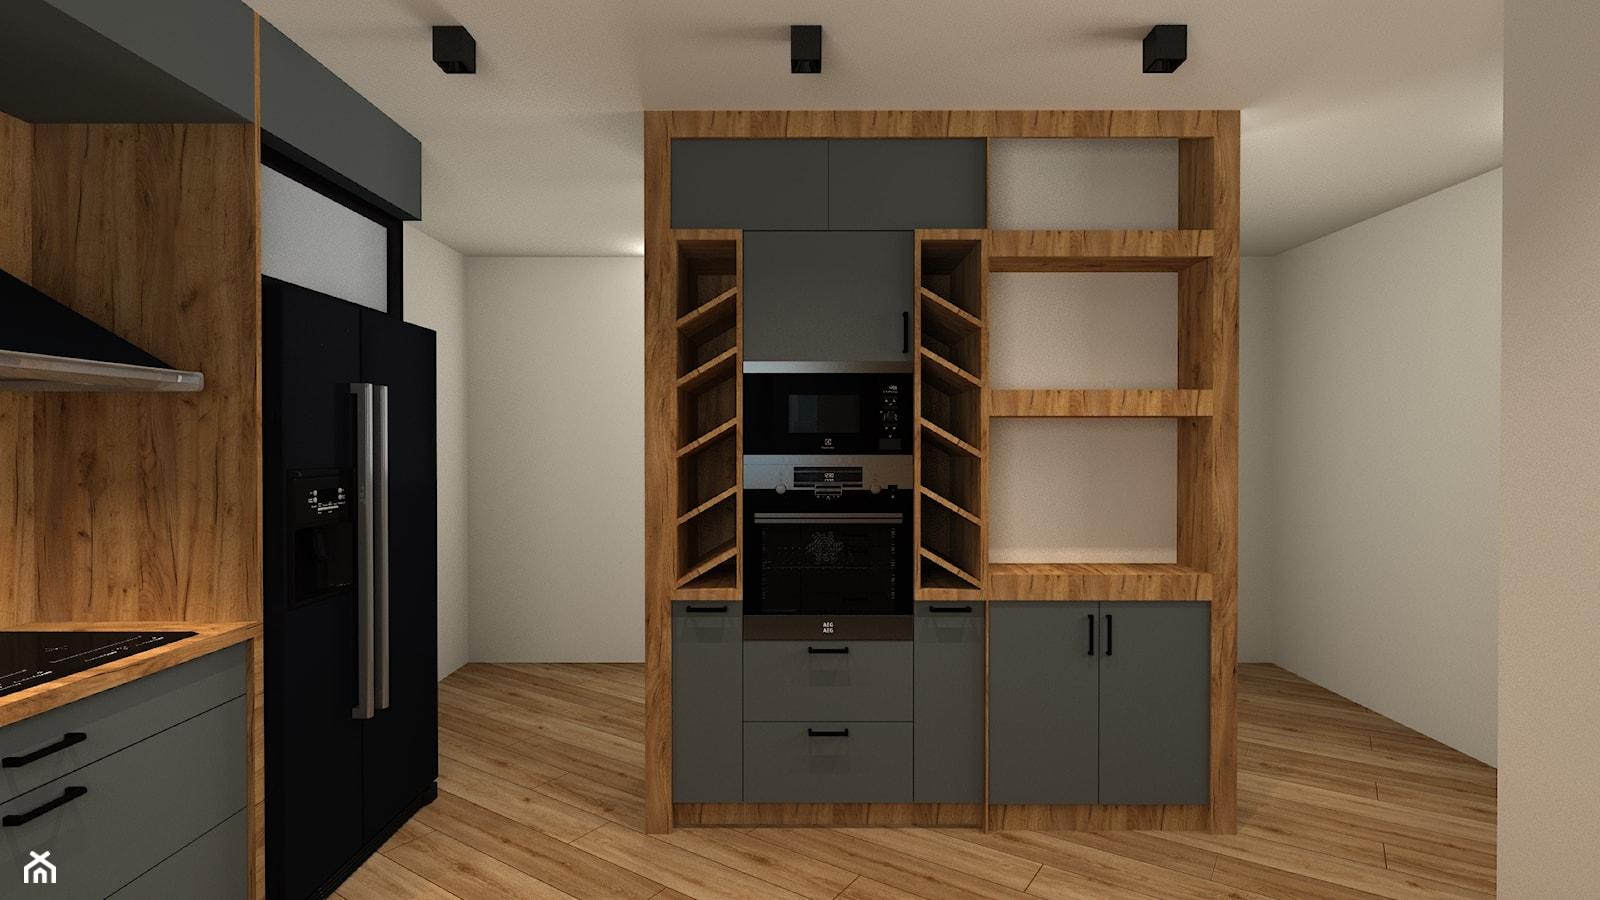 Kuchnia 20m2 - Kuchnia, styl nowoczesny - zdjęcie od Wnętrza z pasją - Homebook